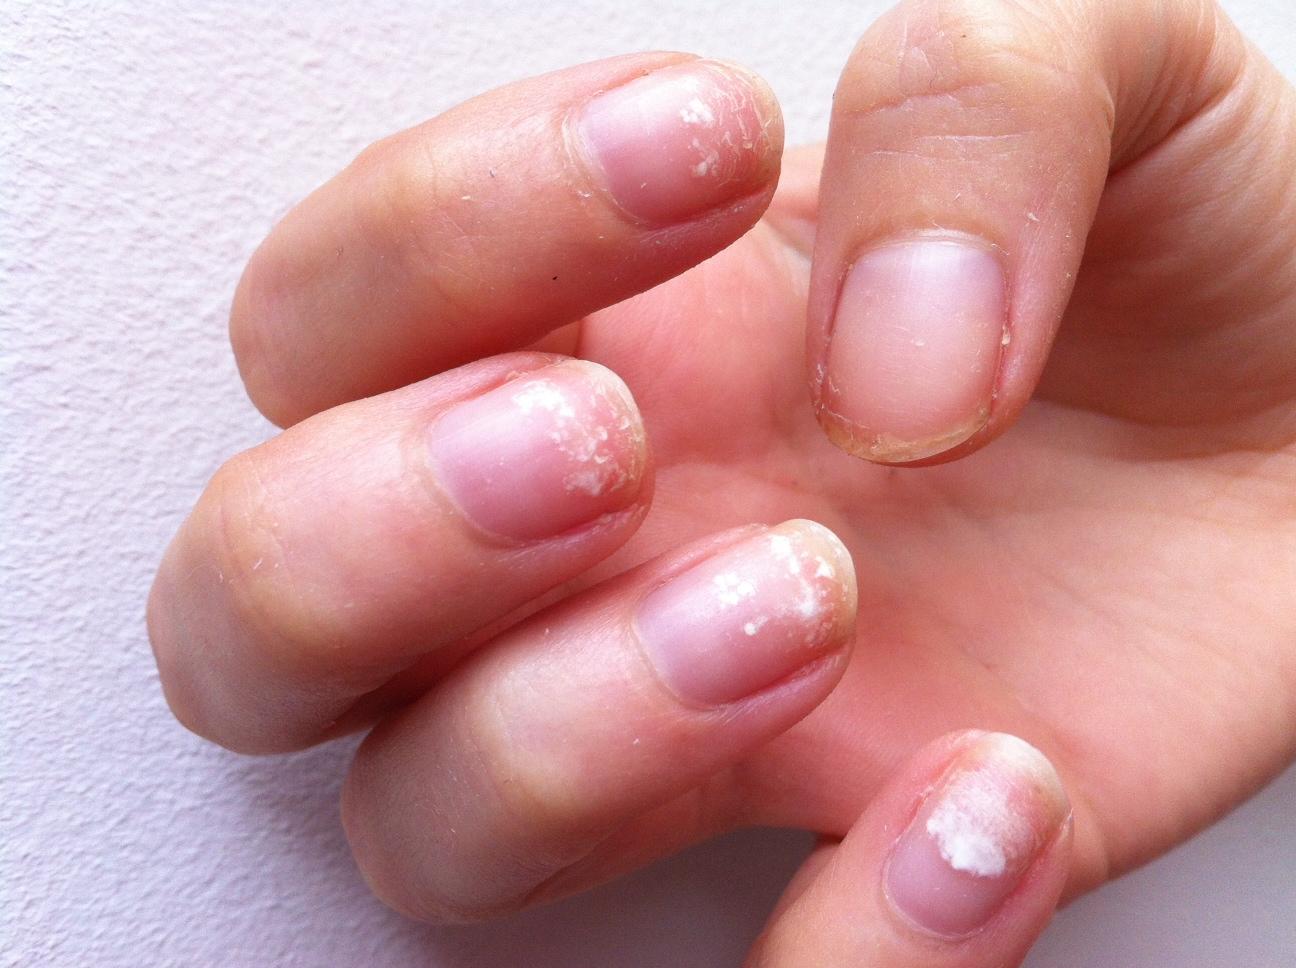 gel nails ruin nails photo - 2